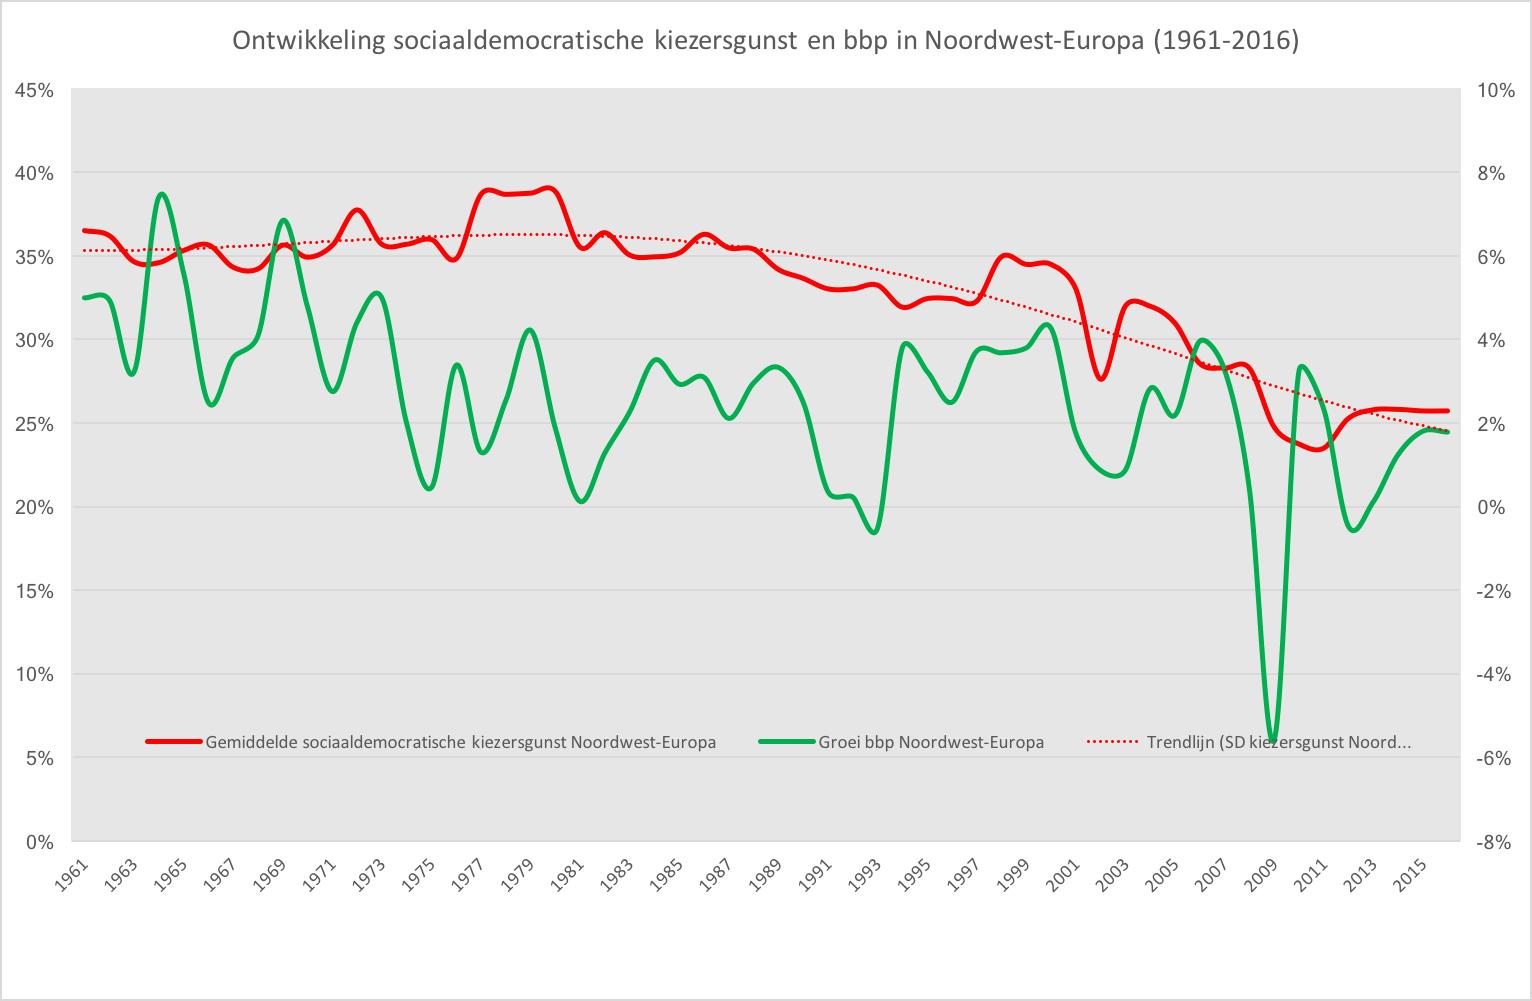 Ontw kiezersgunst en bbp in Noord-Europa.png